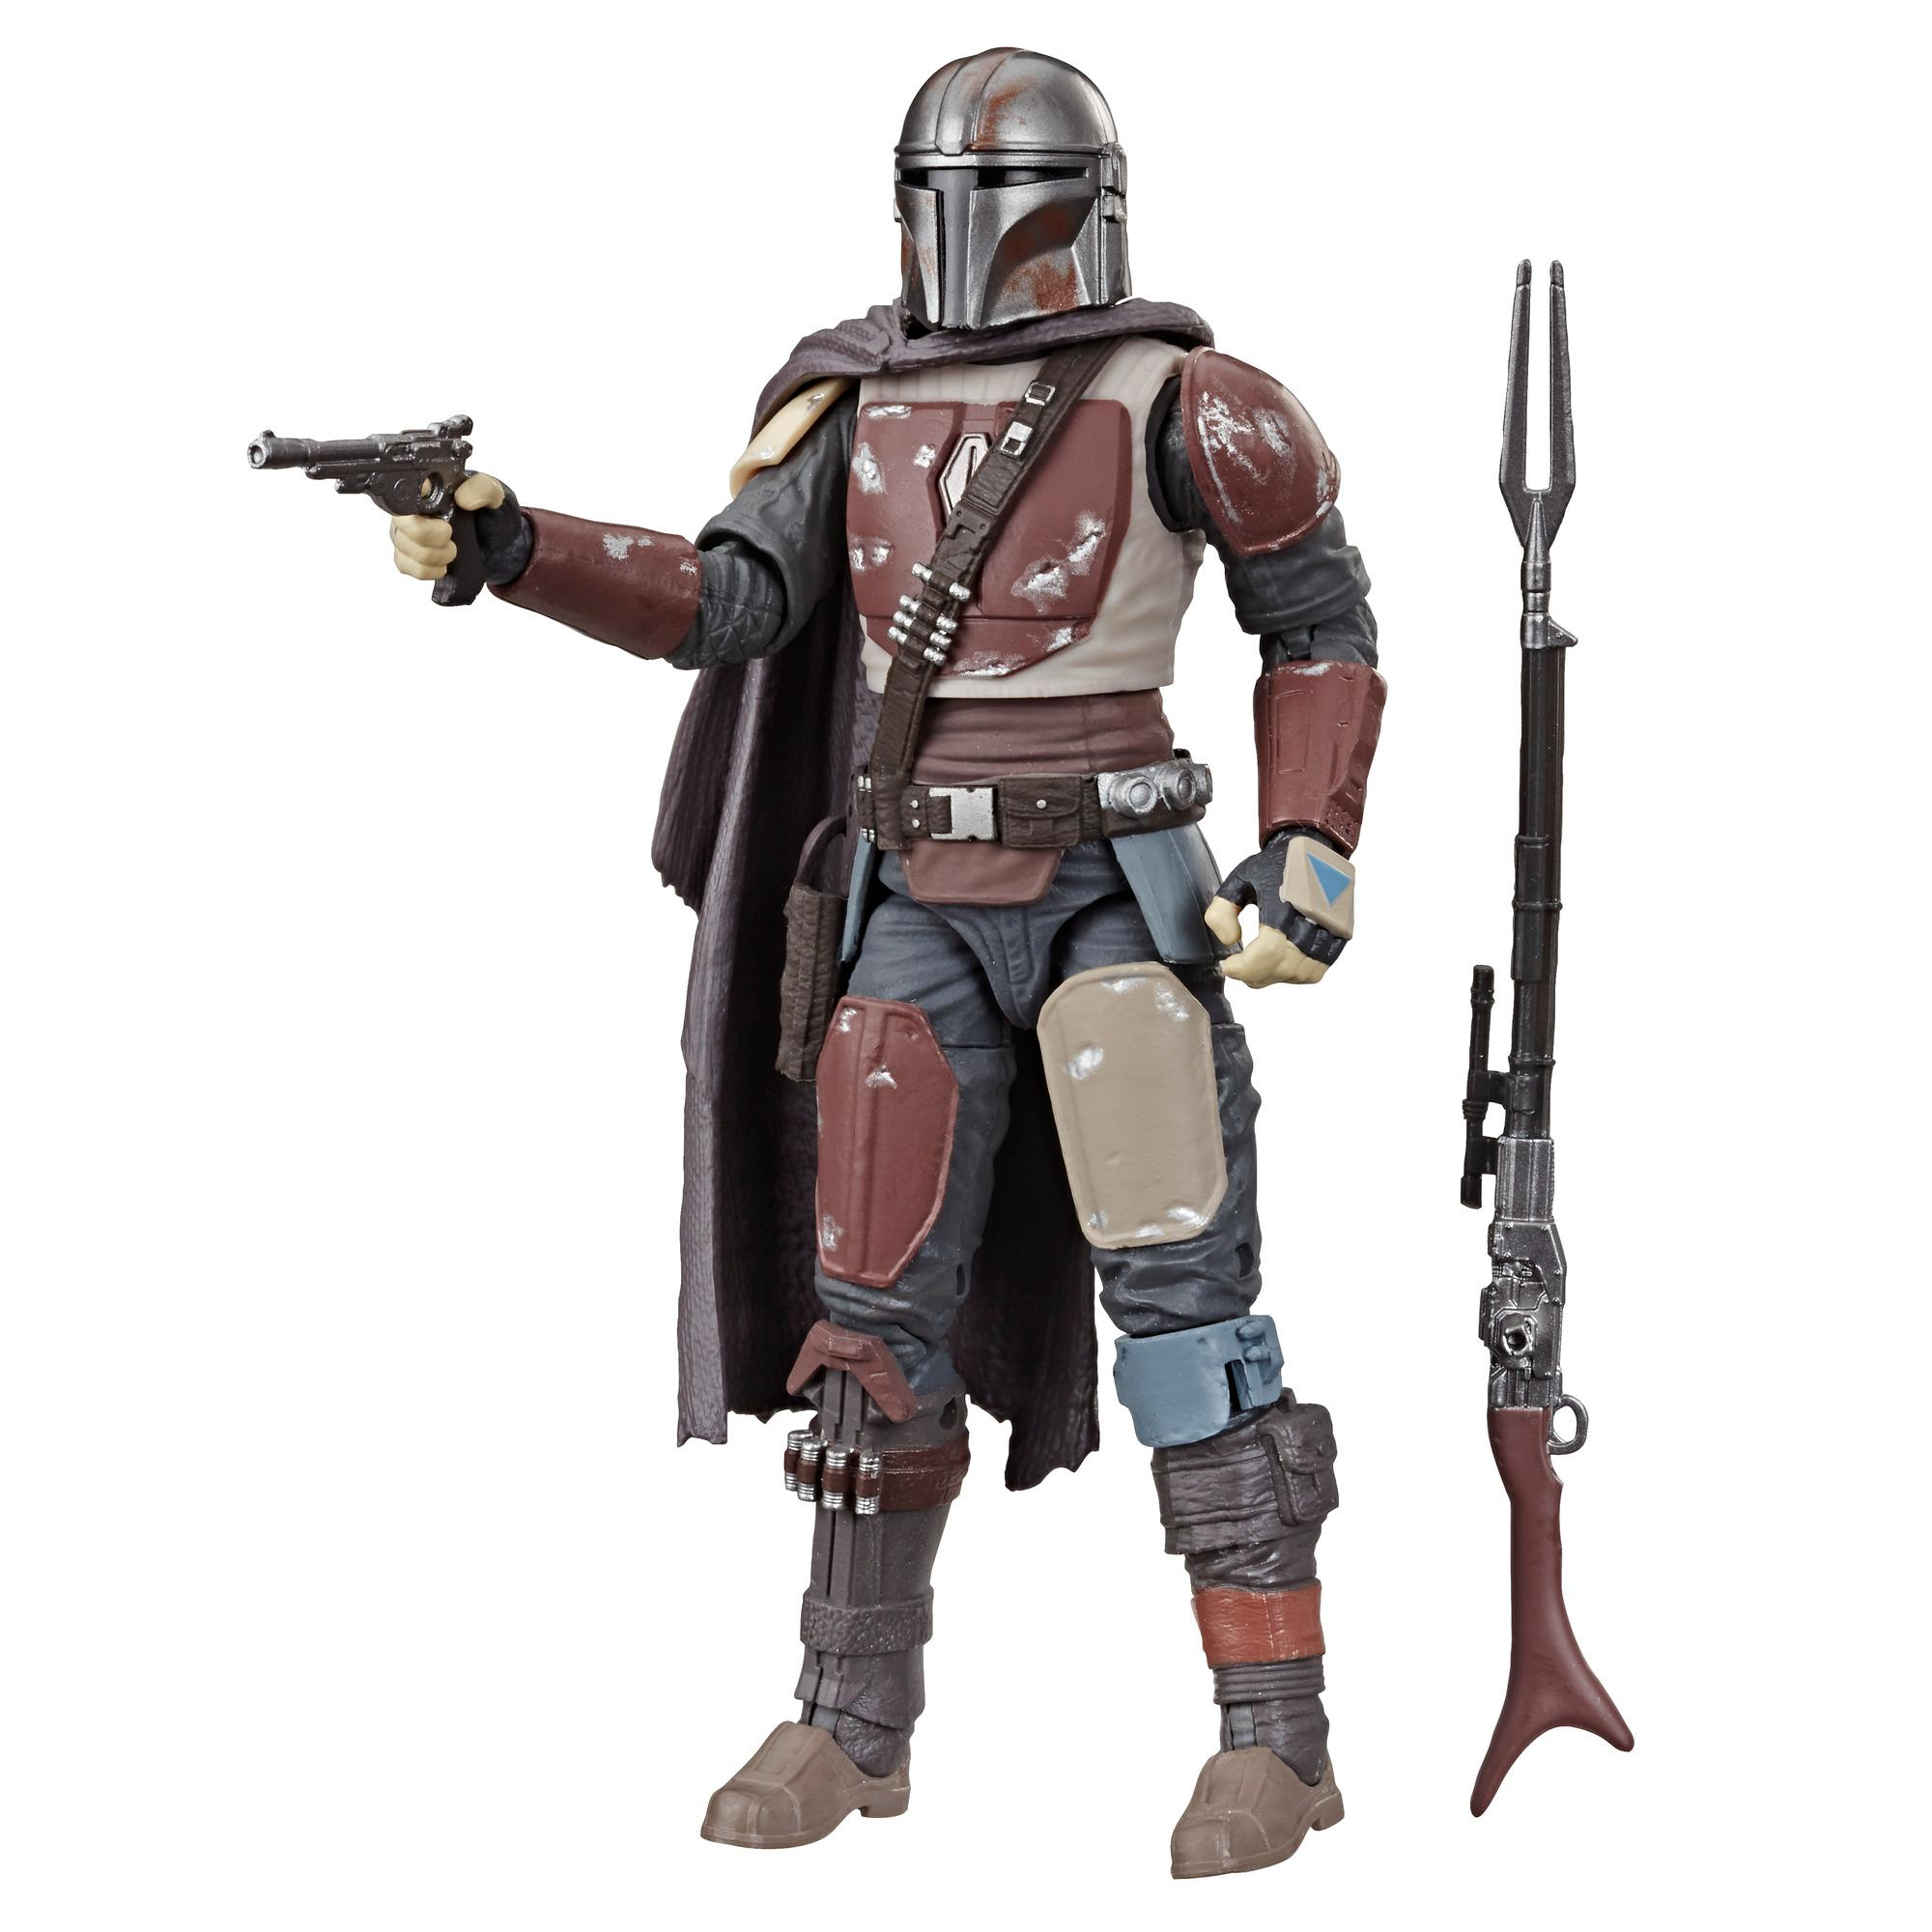 Star Wars The Black Series, The Mandalorian figurine articulée de 15 cm, jouet pour enfants, à partir de 4 ans